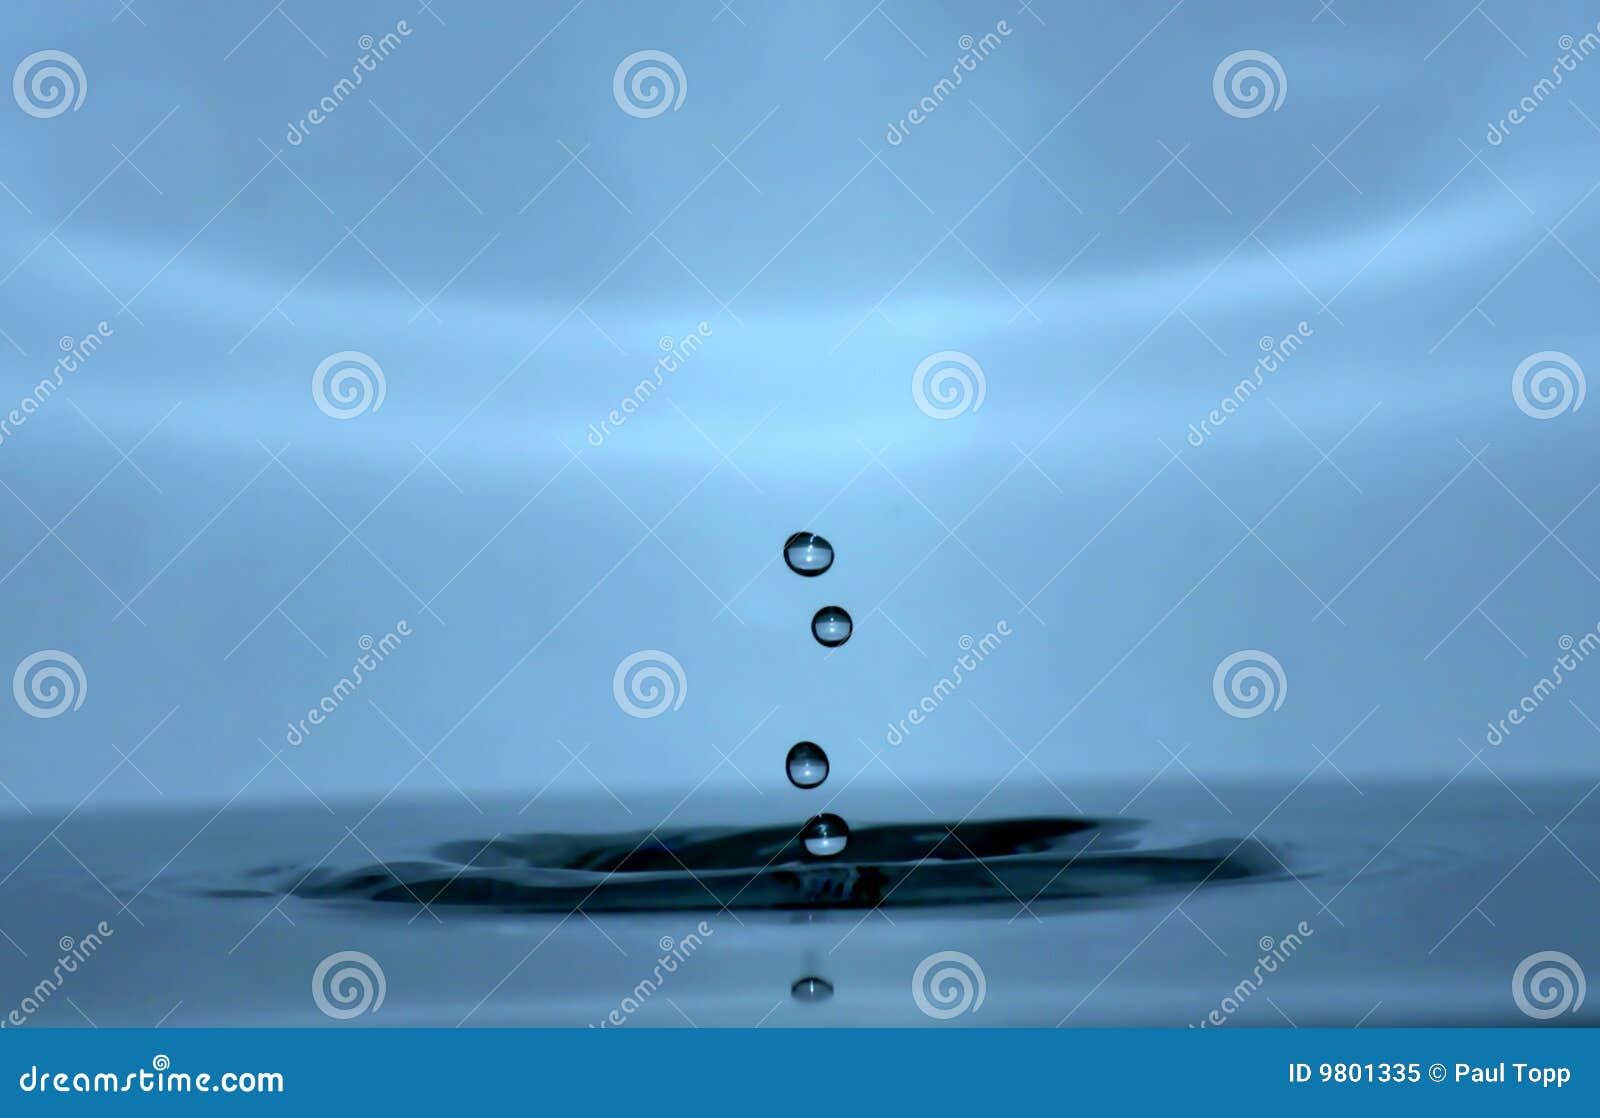 水滴丢弃水